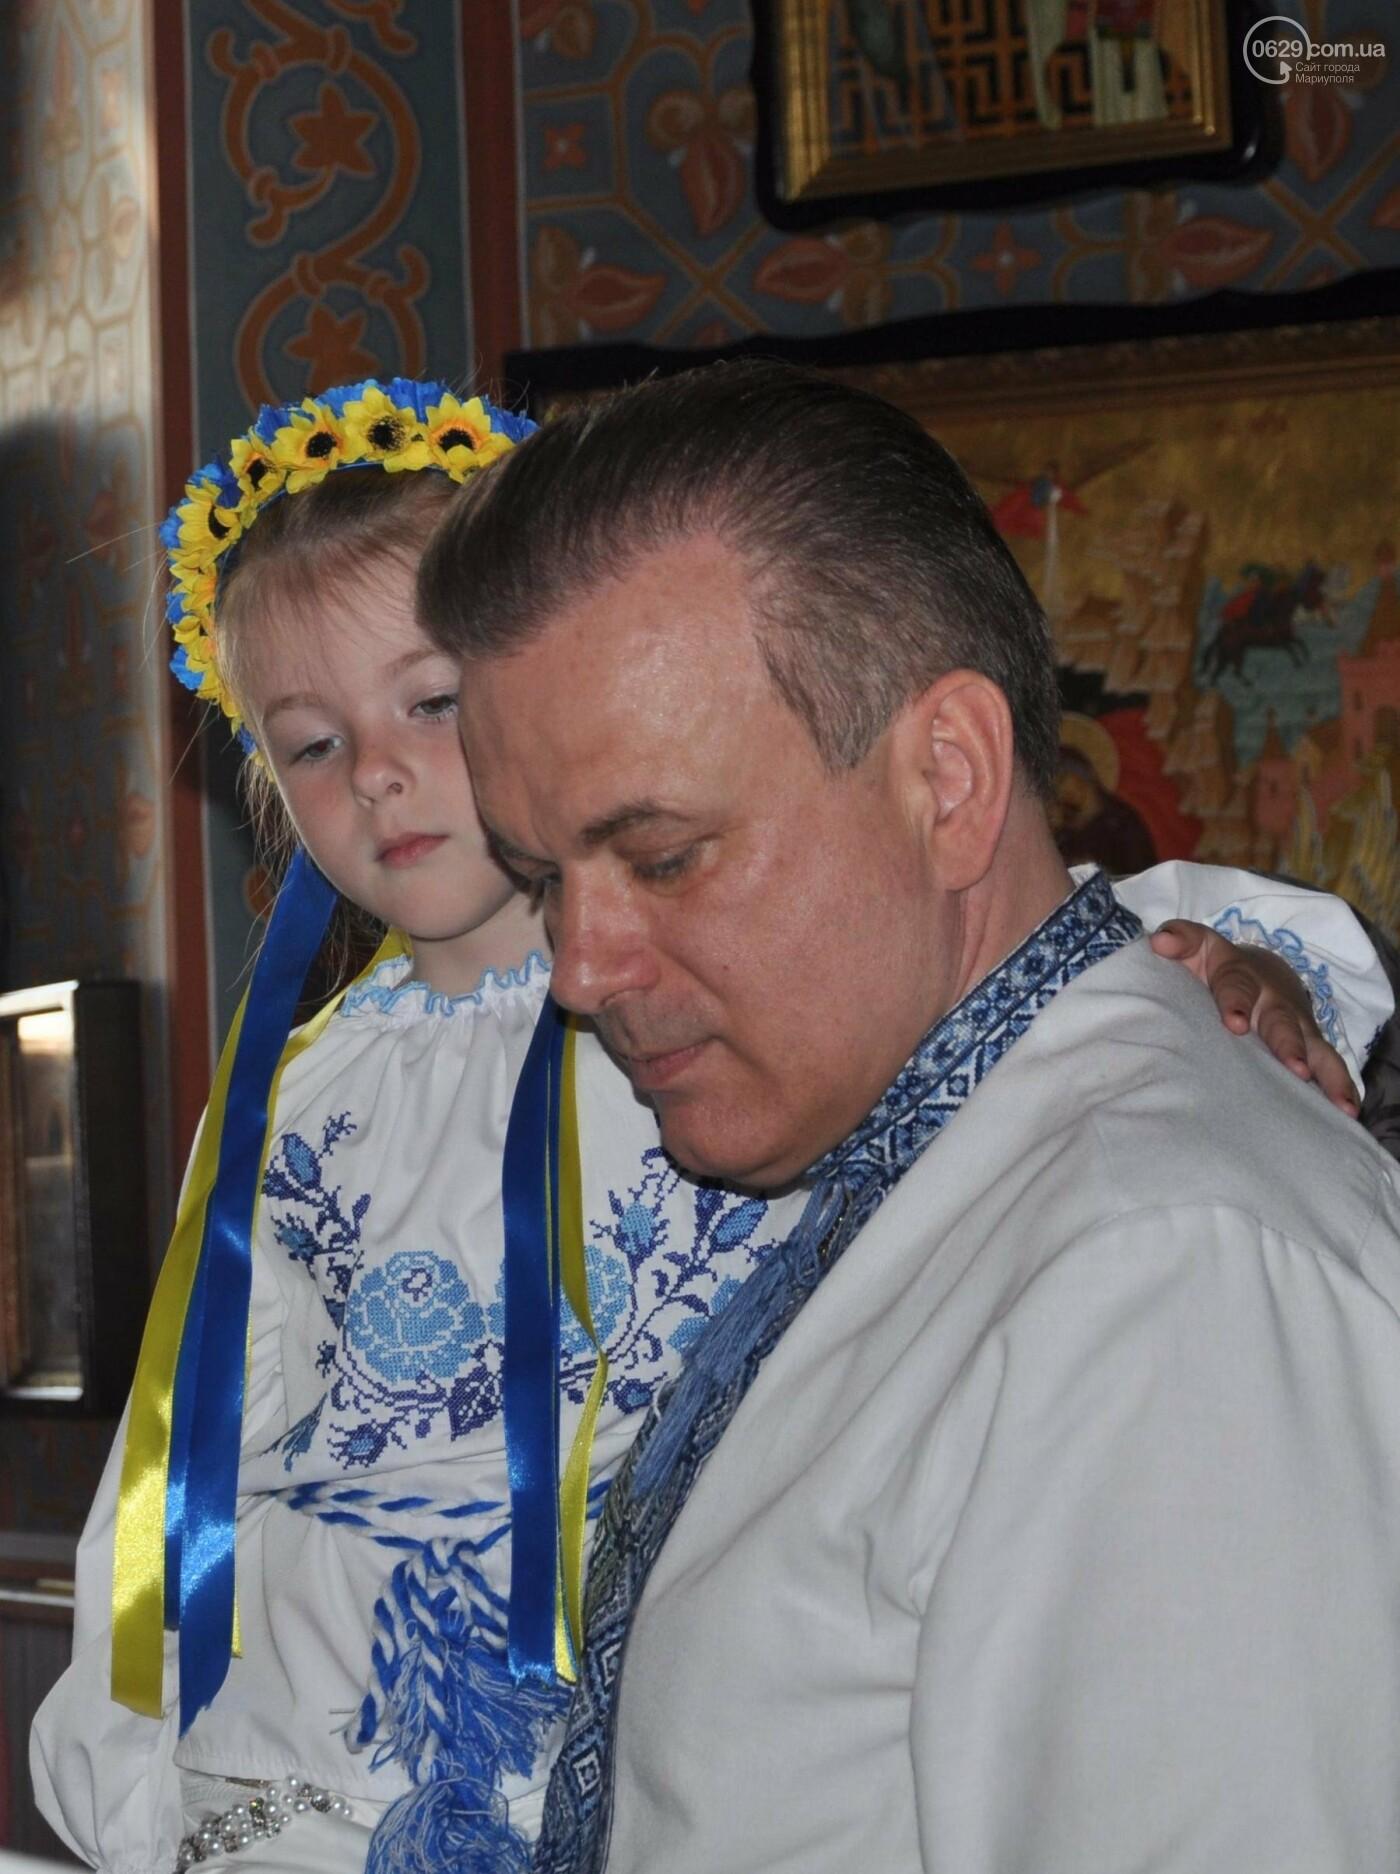 Праздник Вознесения и День вышиванки объединили прихожан в Свято-Покровском храме с.Боевое, фото-2